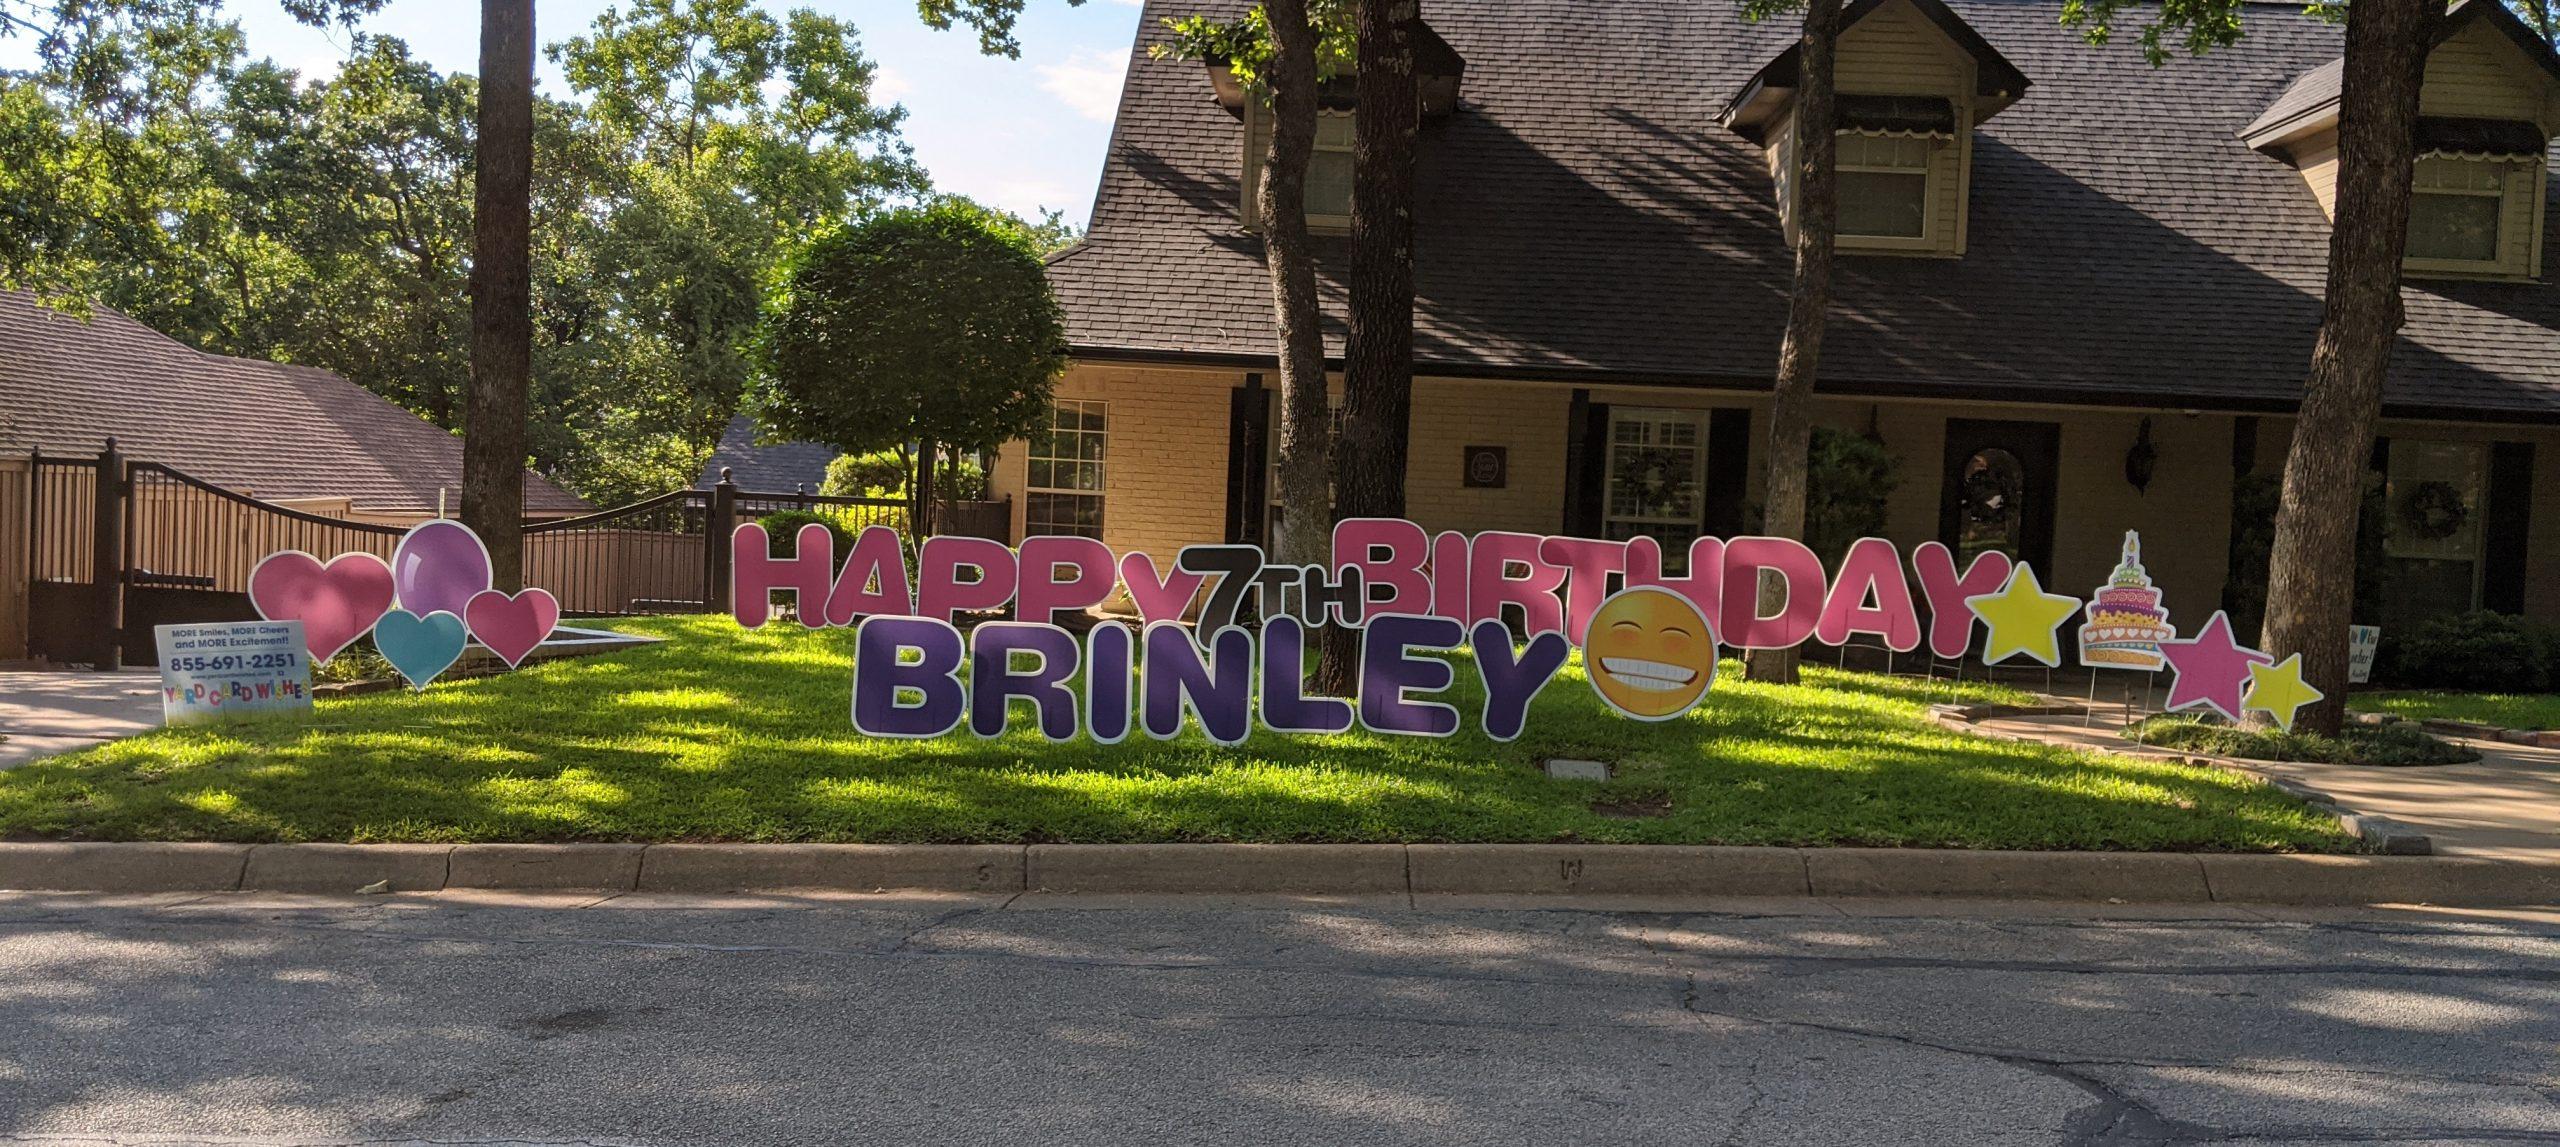 birthday yard card greeting